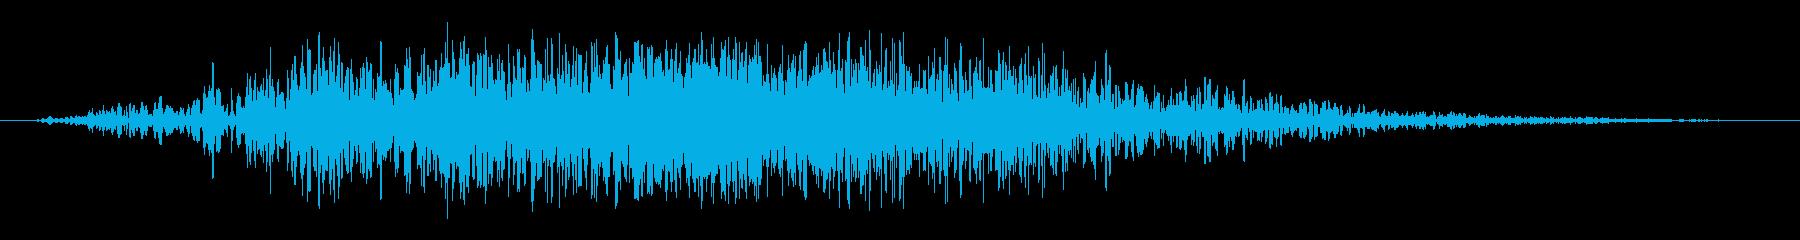 マーキュリーサンダーの再生済みの波形